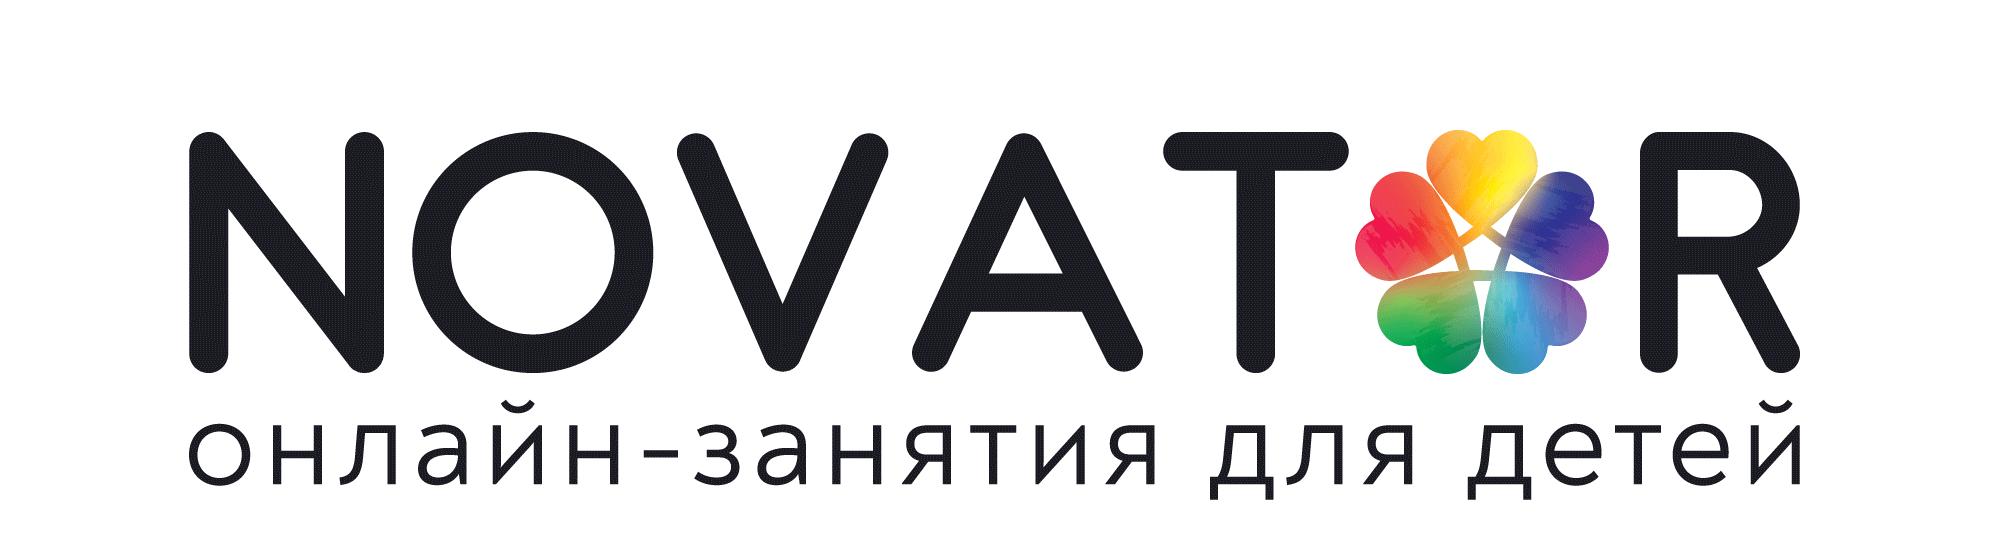 Novator